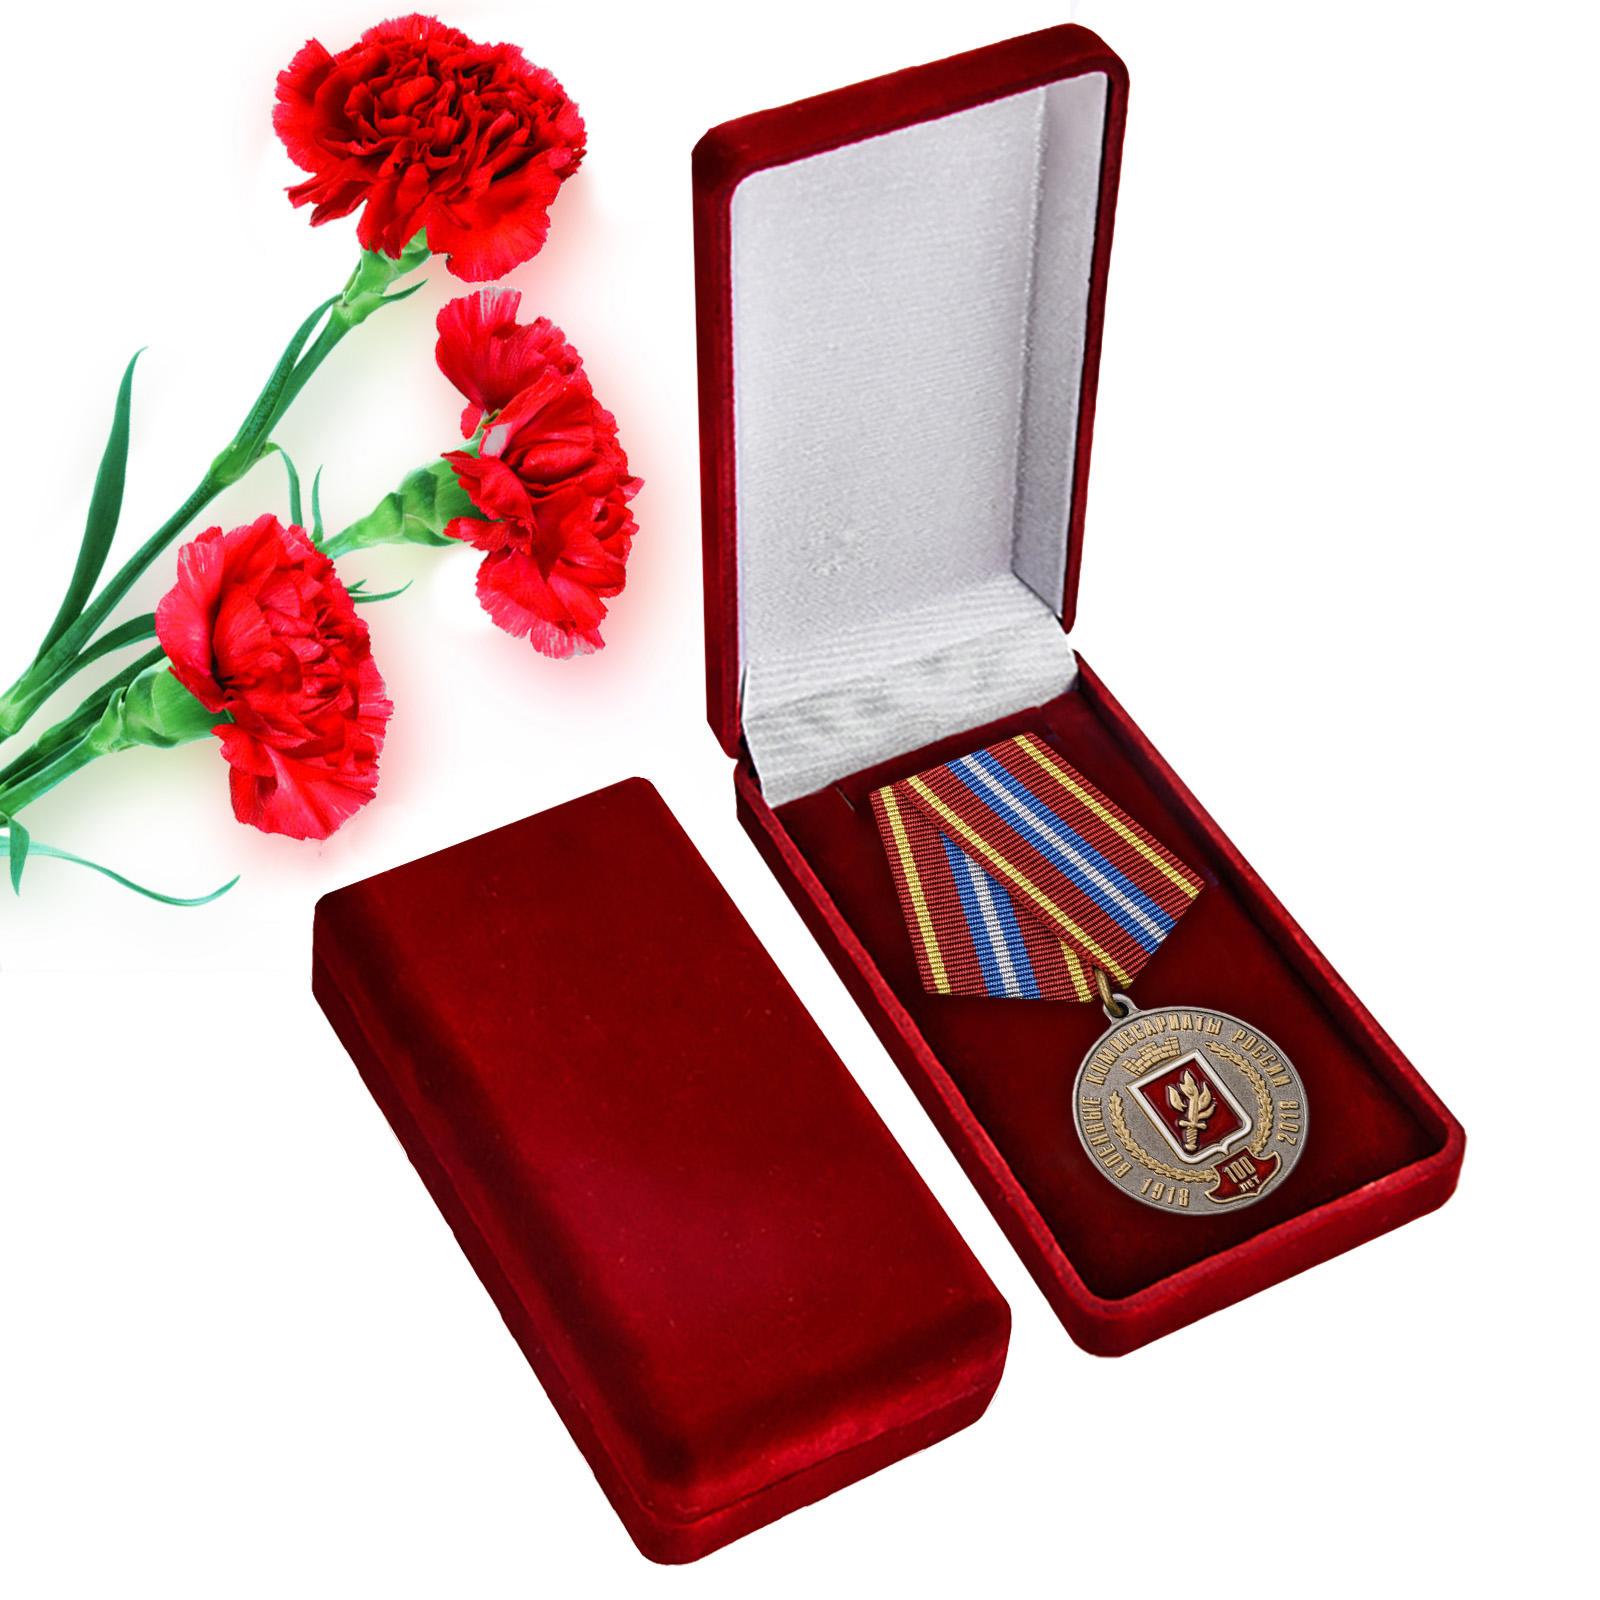 Купить латунную медаль За безупречную службу к 100-летию Военных комиссариатов России с доставкой